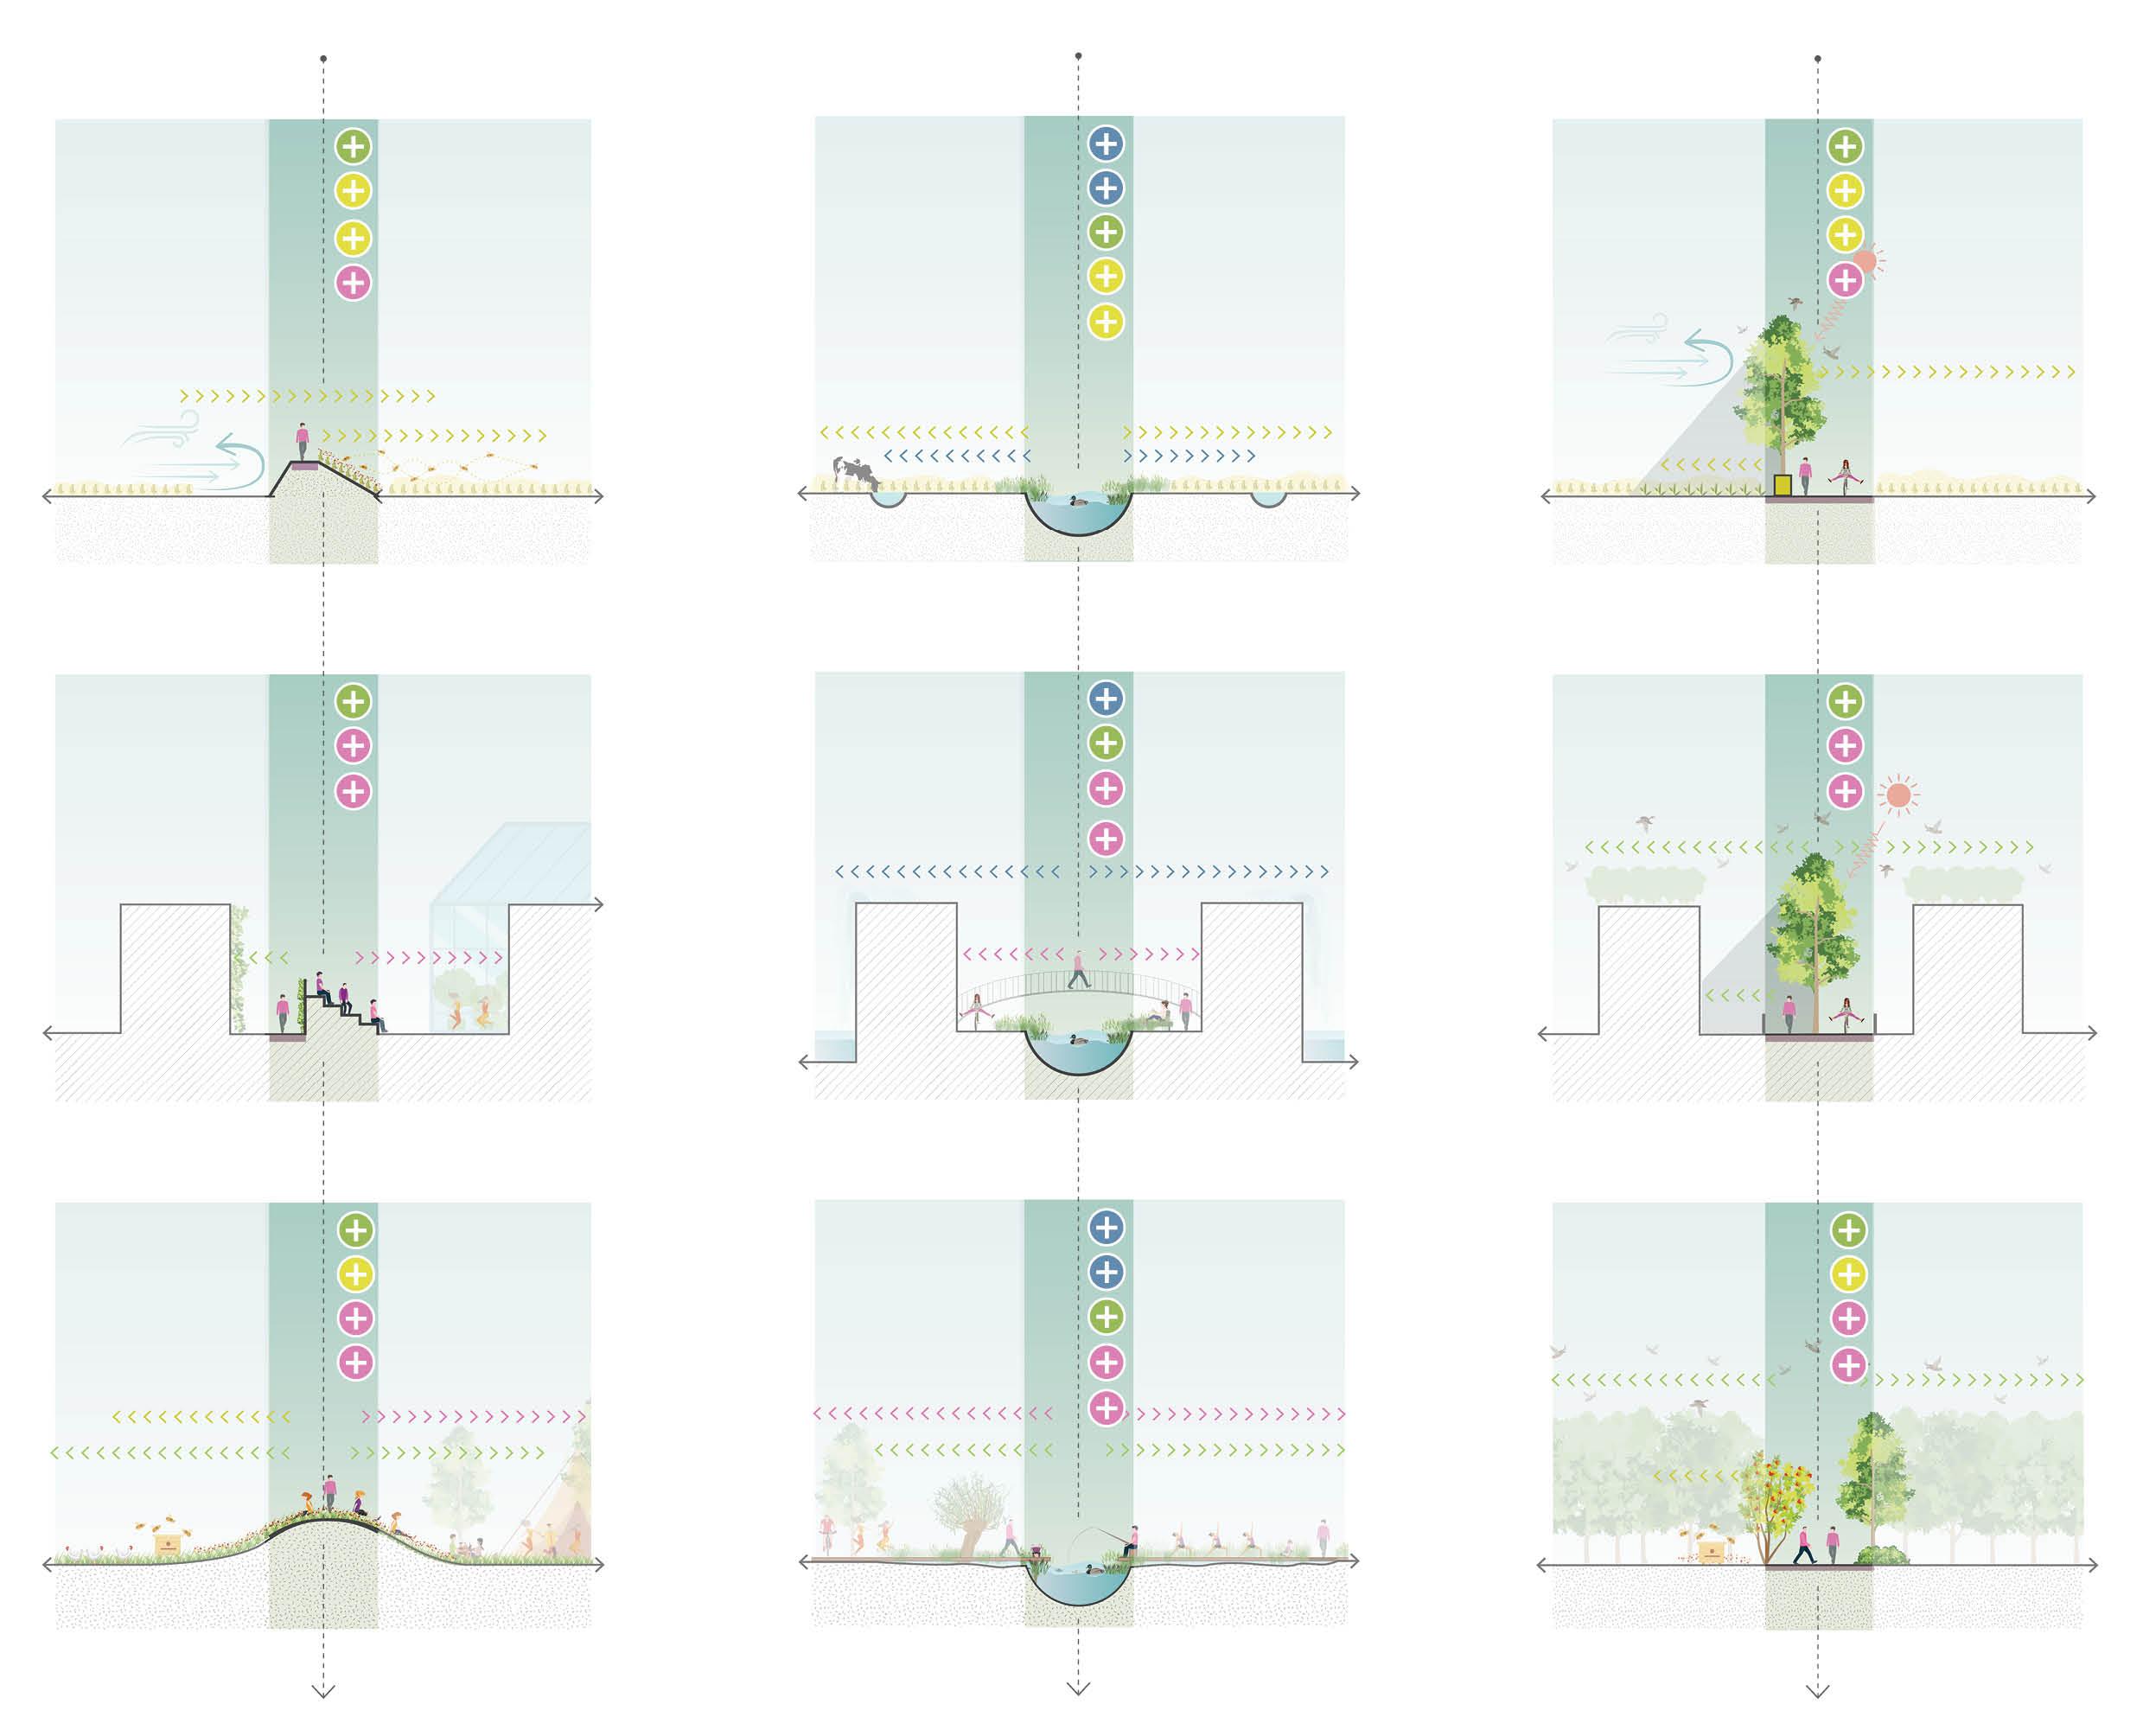 <p>Verbonden Landschap &#8211; Het 'hybride landschap' werkt als een verbonden gebied. Nieuwe lineaire landschapsstructuren omlijsten de verschillende percelen, terwijl ze het buitengebied verbinden met het centrale park en de stedelijke zones. Ze bouwen verder op de traditie van dijken en kanalen die beeldbepalend zijn voor de Nederlandse steden en plattelandsgebieden. Ze combineren een ruimtelijke en functionele rol. Als een 'conditioneringsraamwerk' ondersteunen ze het functioneren van de percelen die ze omkaderen. Ze dragen bij aan de vruchtbaarheid en het waterbeheer van landbouwkavels, bieden schaduw en waterinfiltratiemogelijkheden in de bebouwde zones, of combineren ecologische waarden met recreatief gebruik in het park. </p>